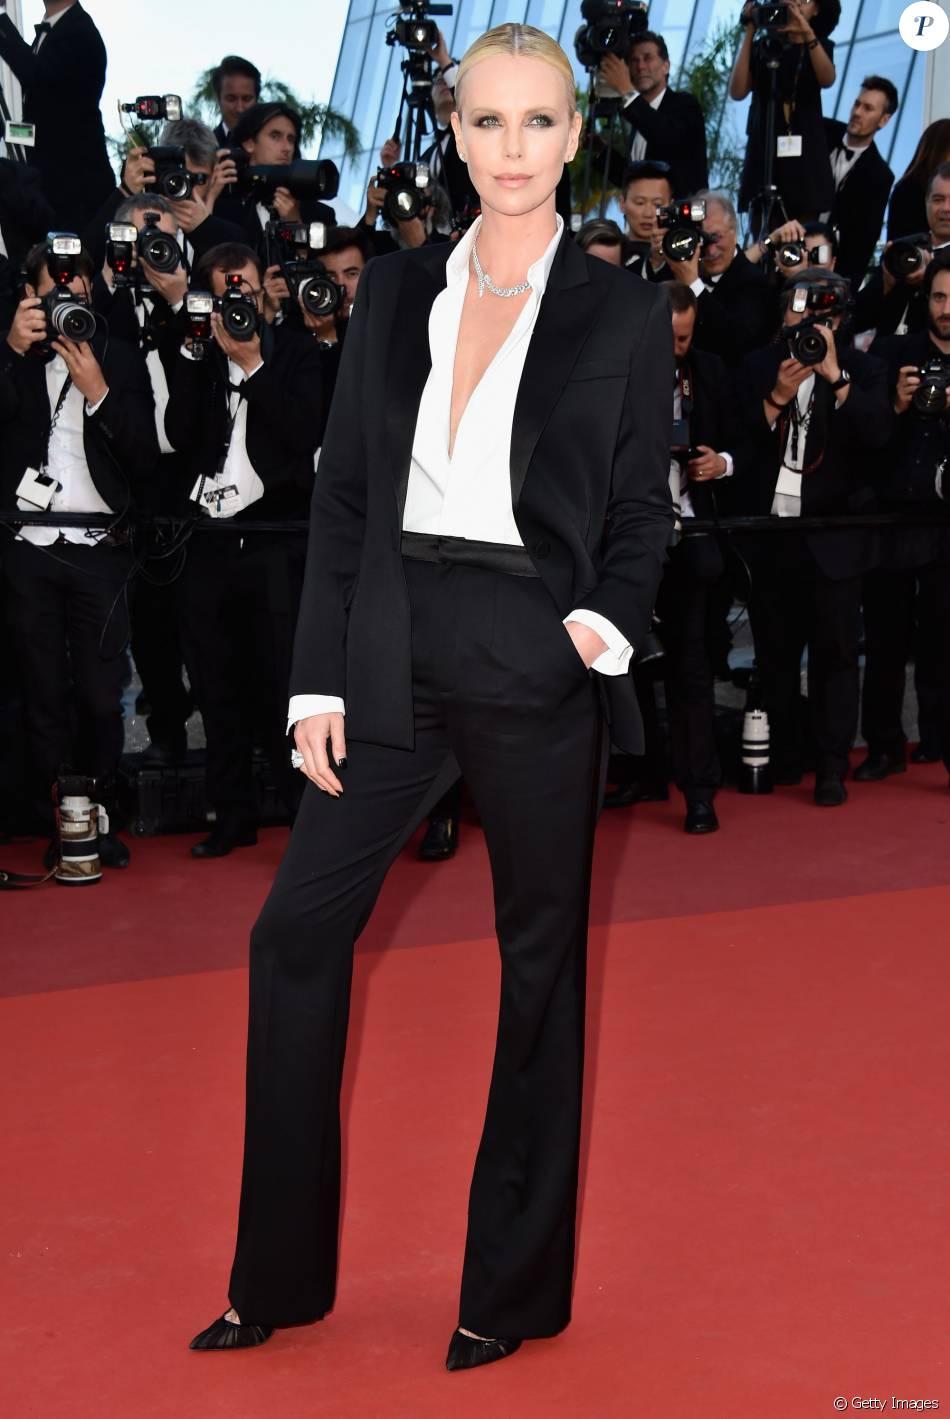 Charlize Theron apostou num terno de Dior e sapatos Christian Louboutin para a première do filme 'The Last Face' no Festival de Cannes 2016, na sexta-feira, 20 de maio de 2016